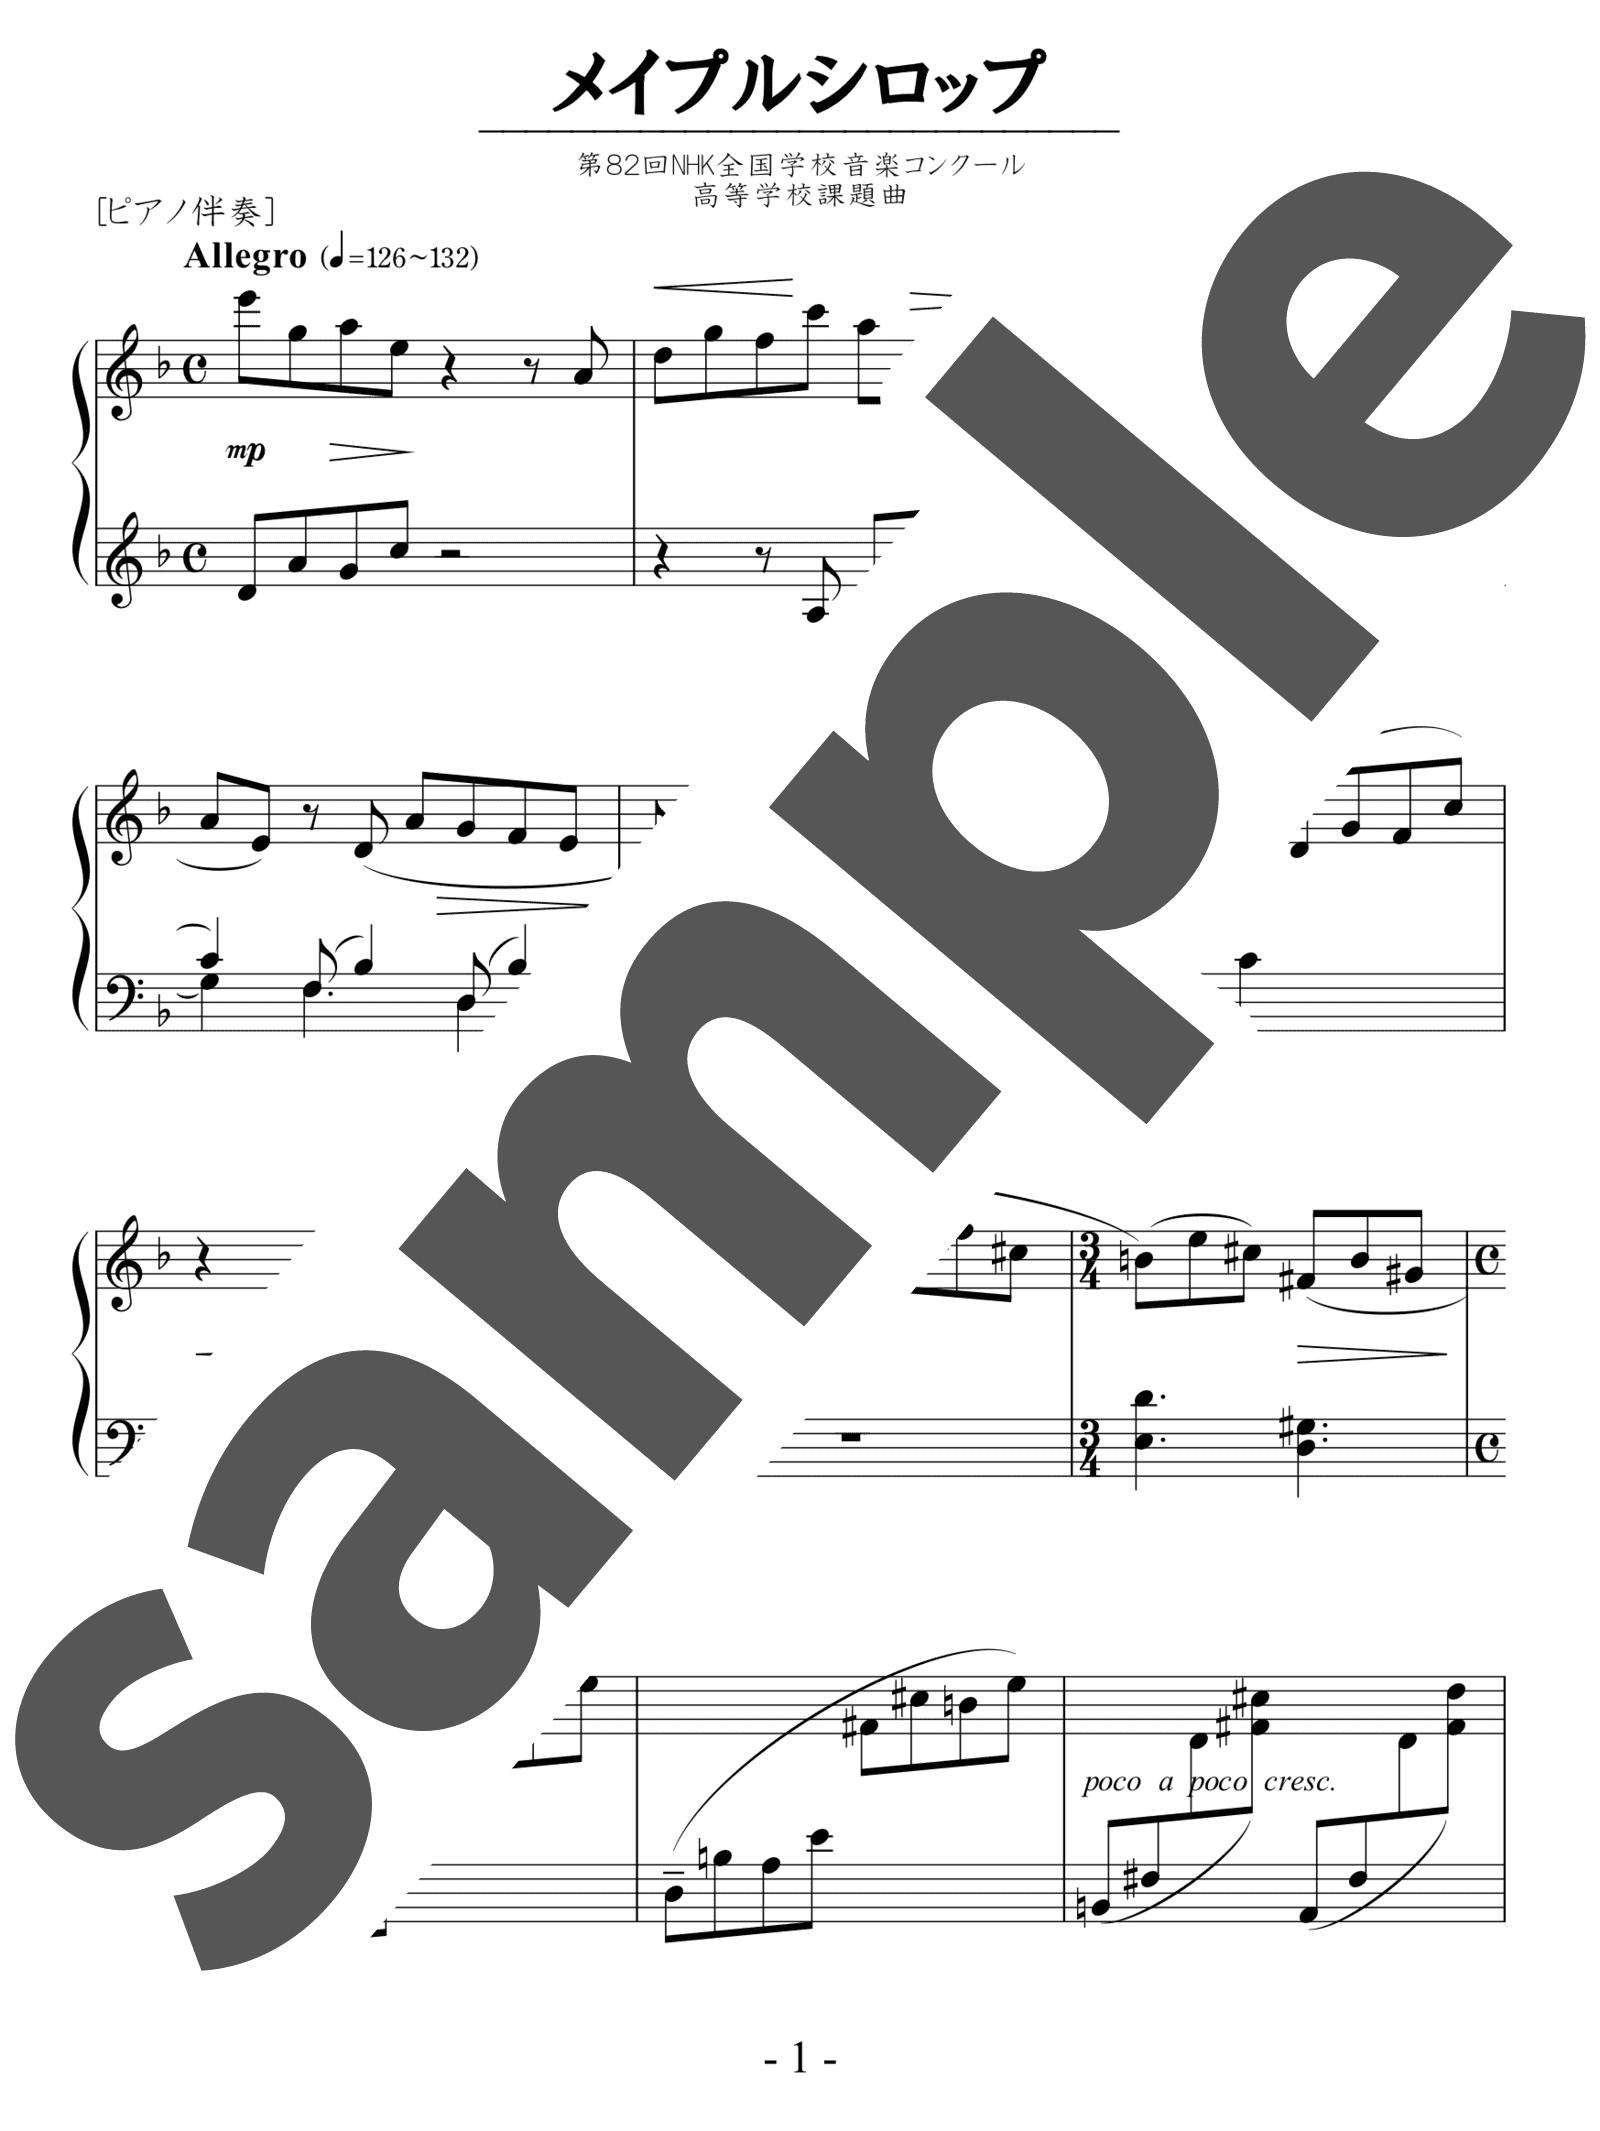 「メイプルシロップ」のサンプル楽譜